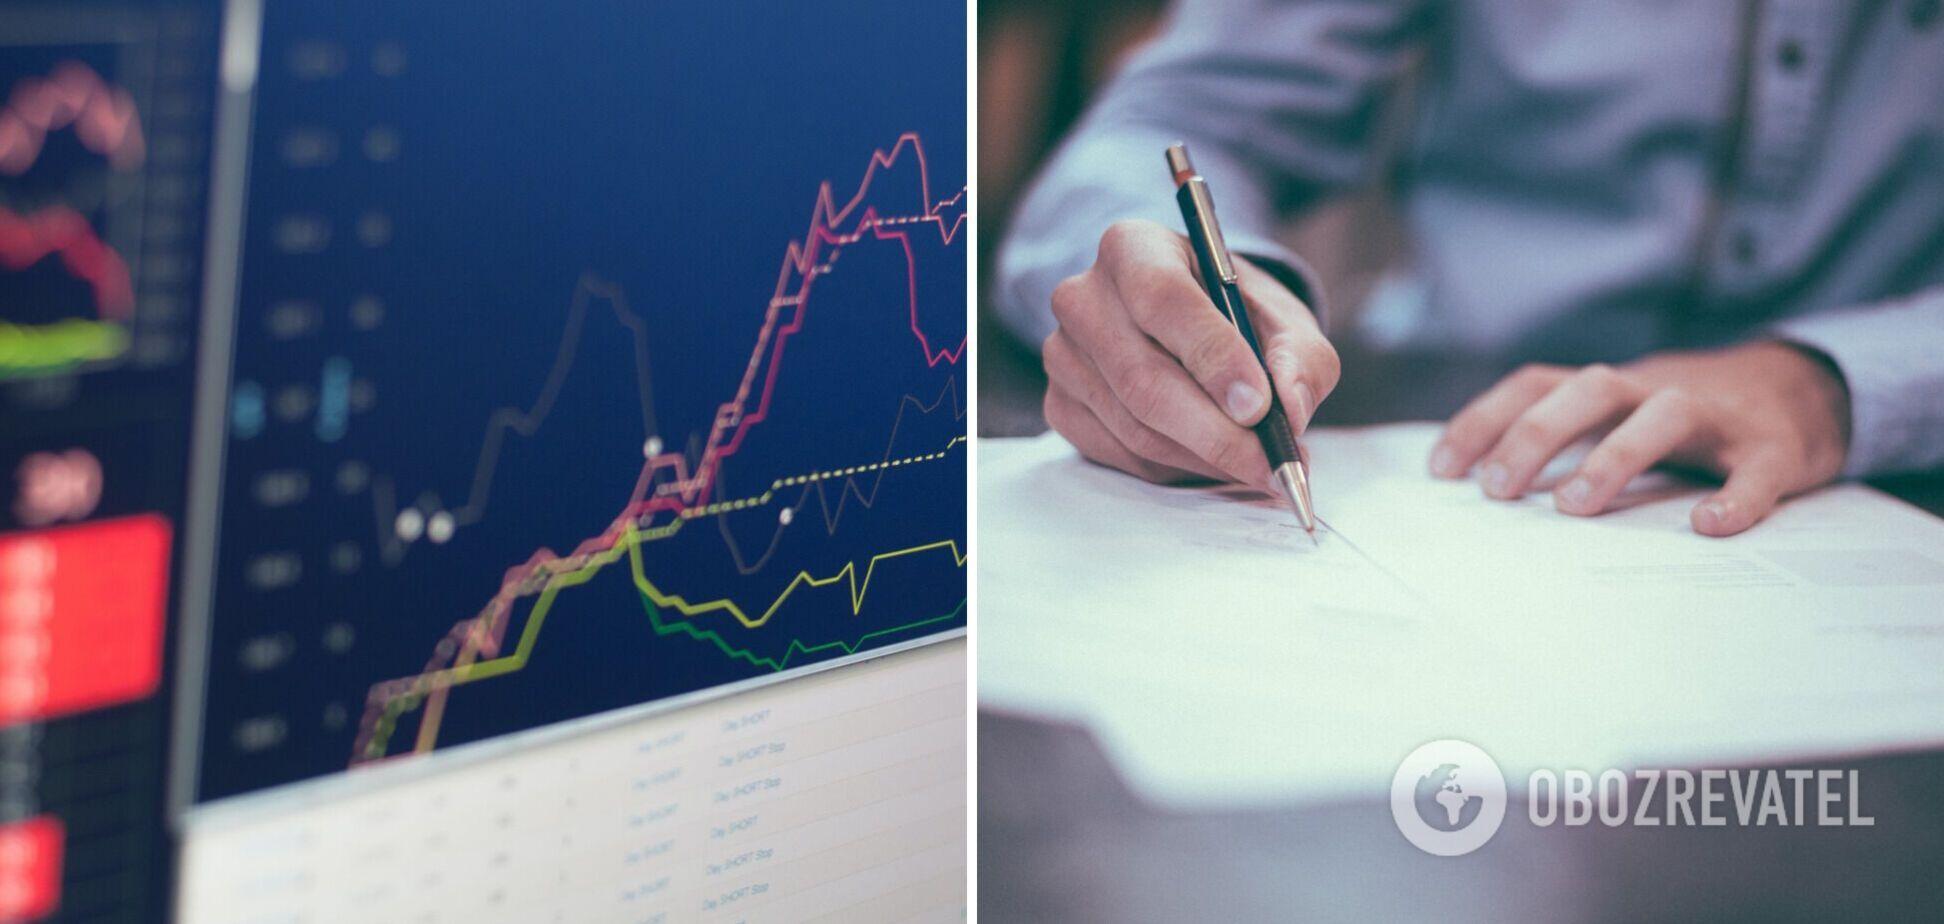 Бізнес освоює новий тип страхування